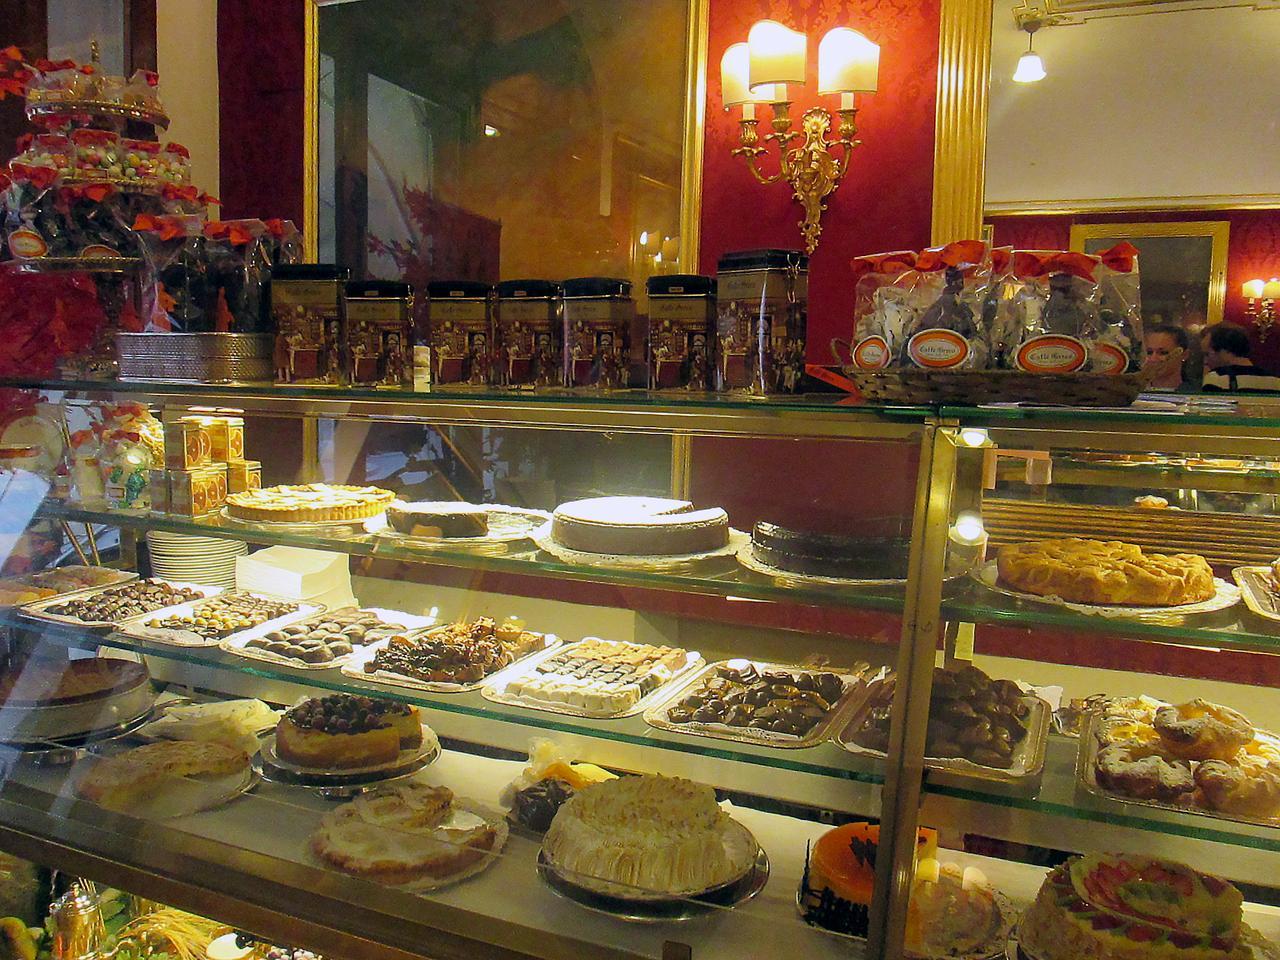 cafe greco witryna cukiernie w Rzymie